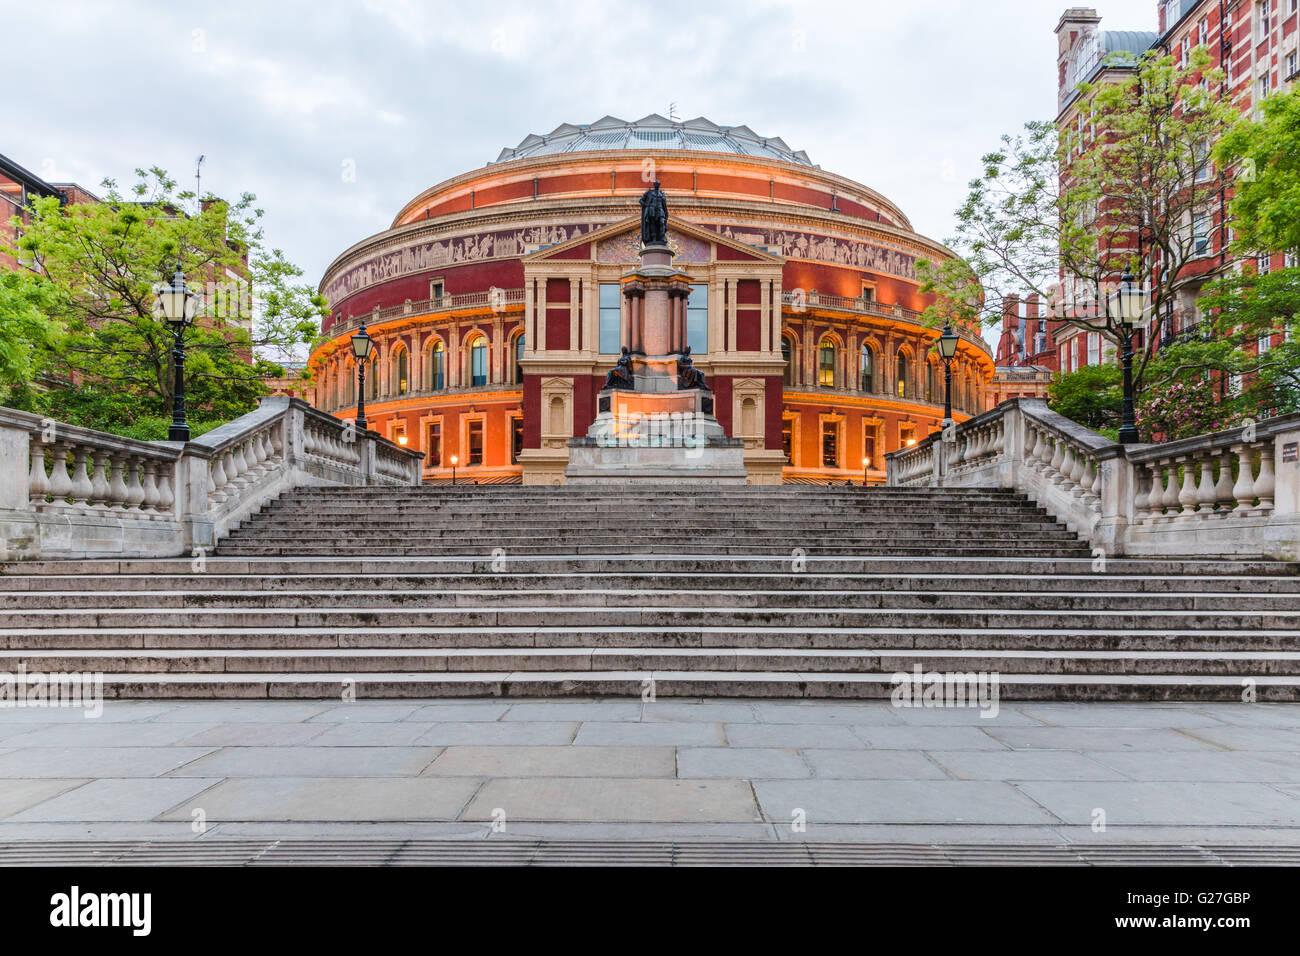 Royal Albert Hall, London, England, UK - Stock Image